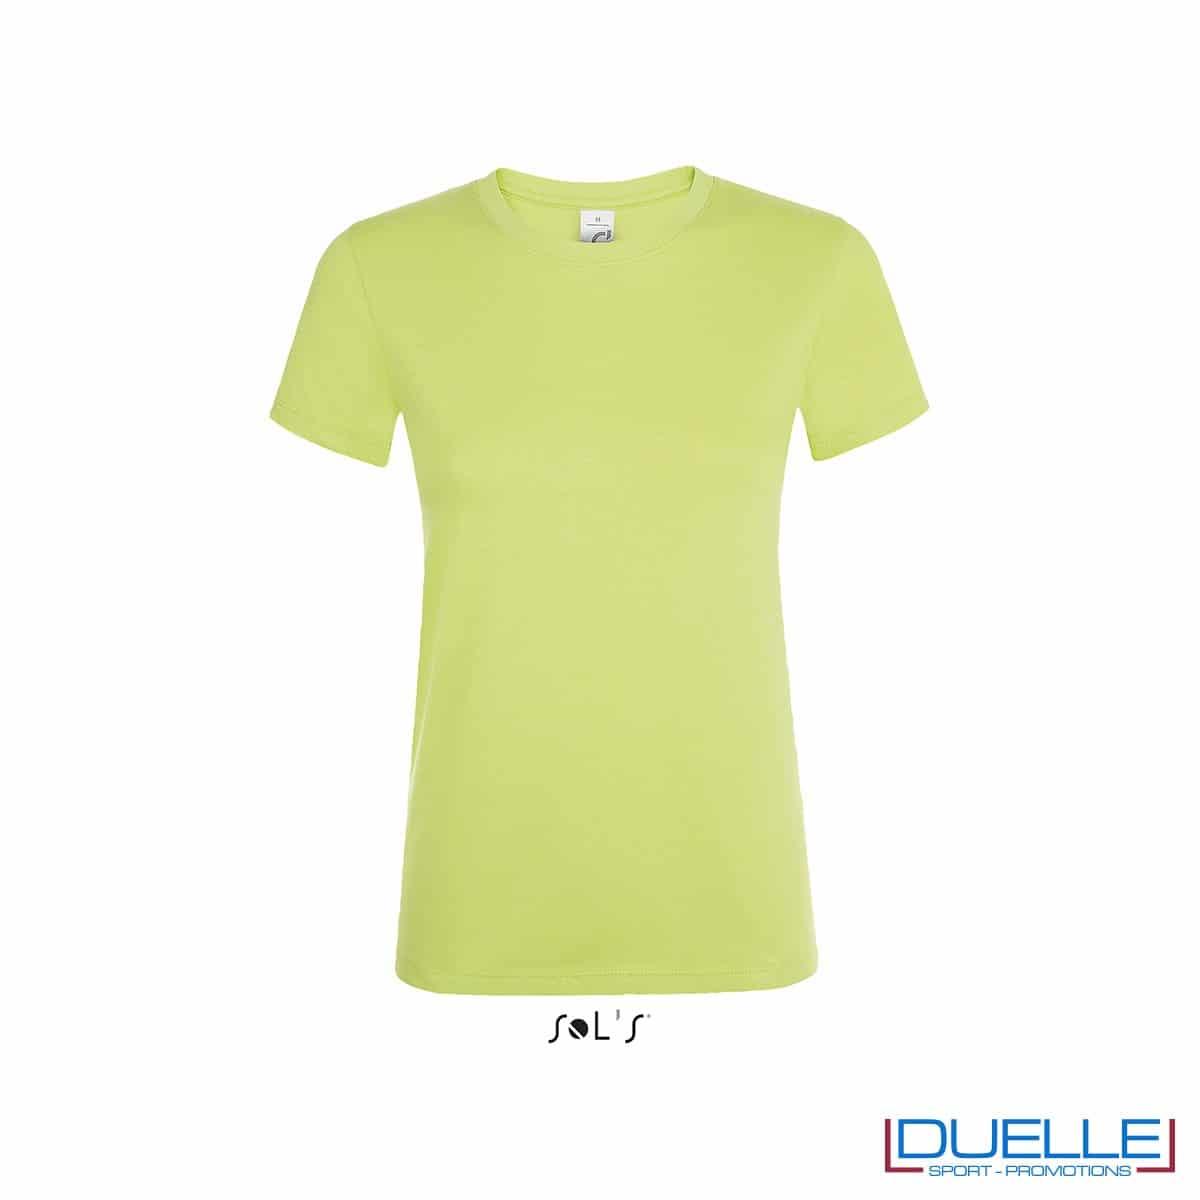 T-shirt personalizzata donna in cotone verde mela